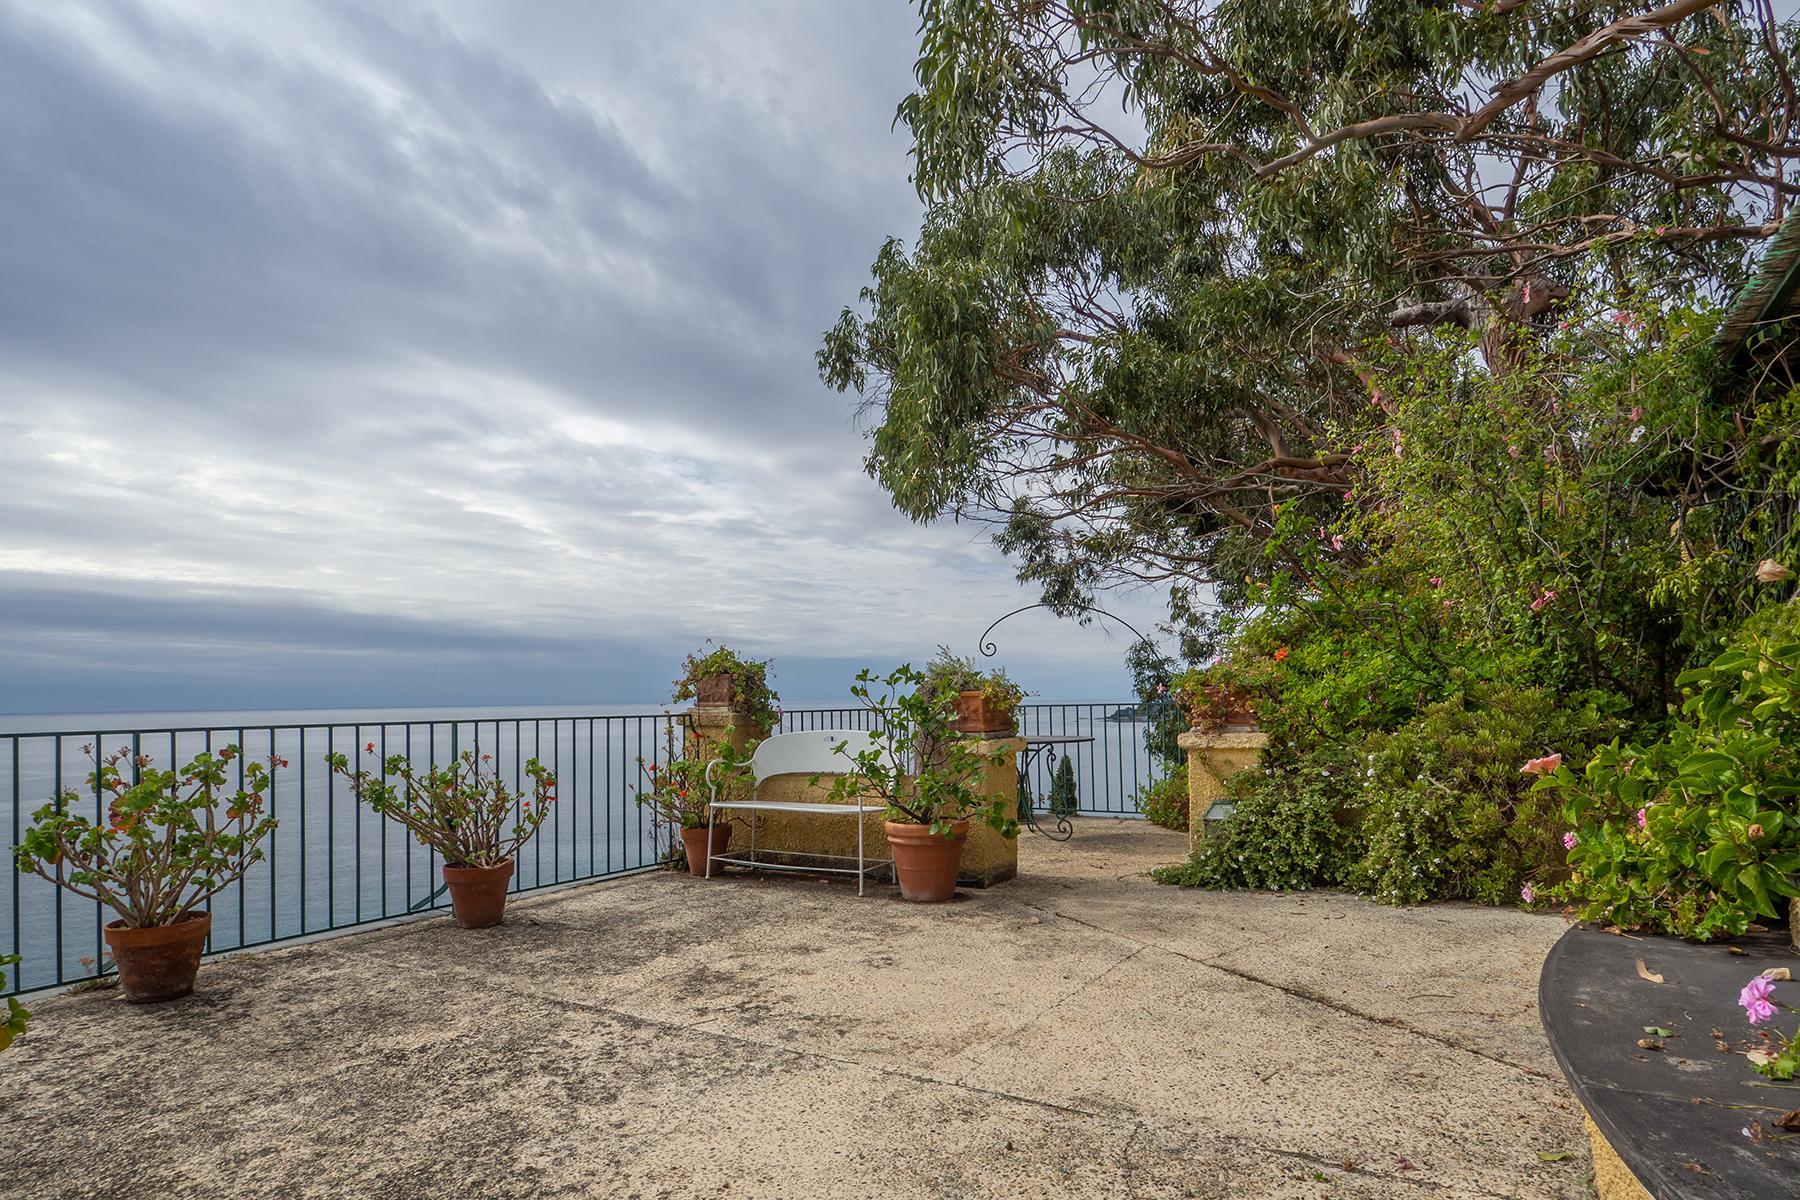 Historische unabhängige Villa mit privatem Zugang zum Meer - 21